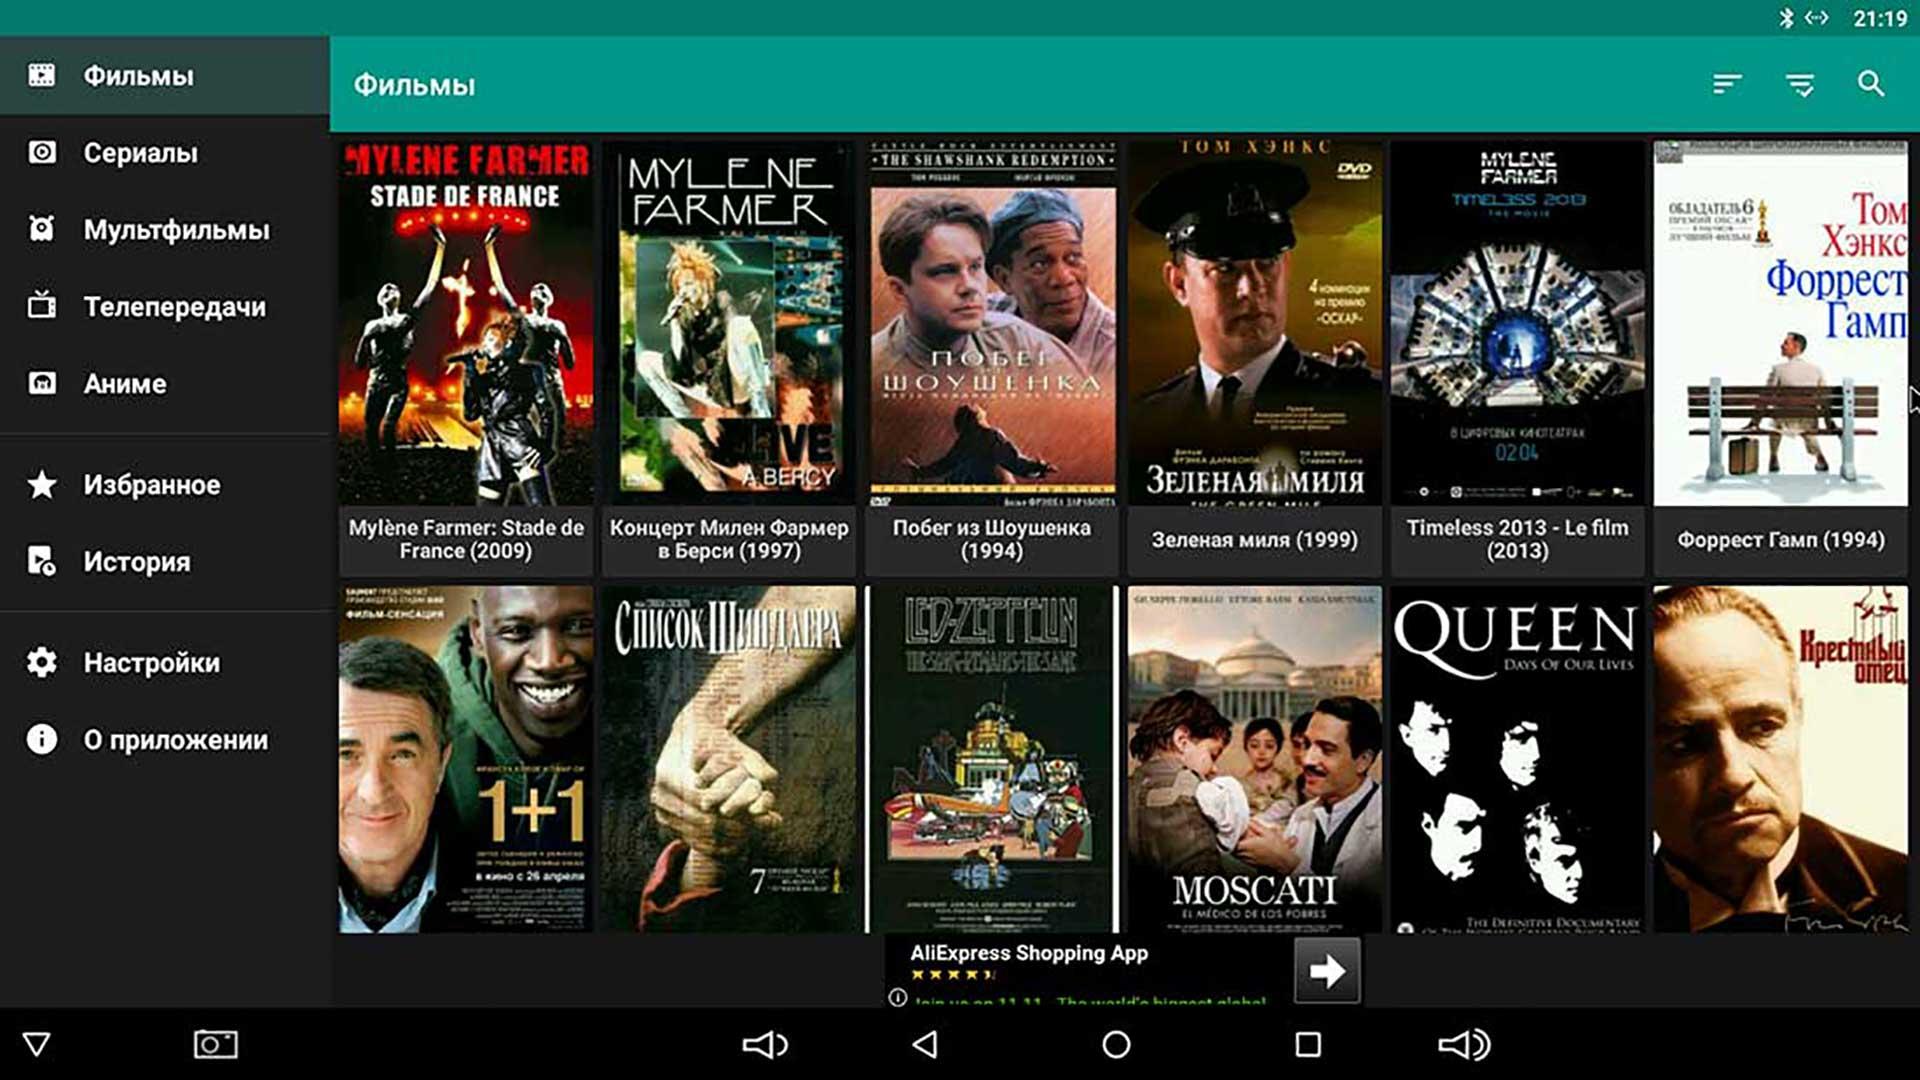 Основной экран HD VideoBox